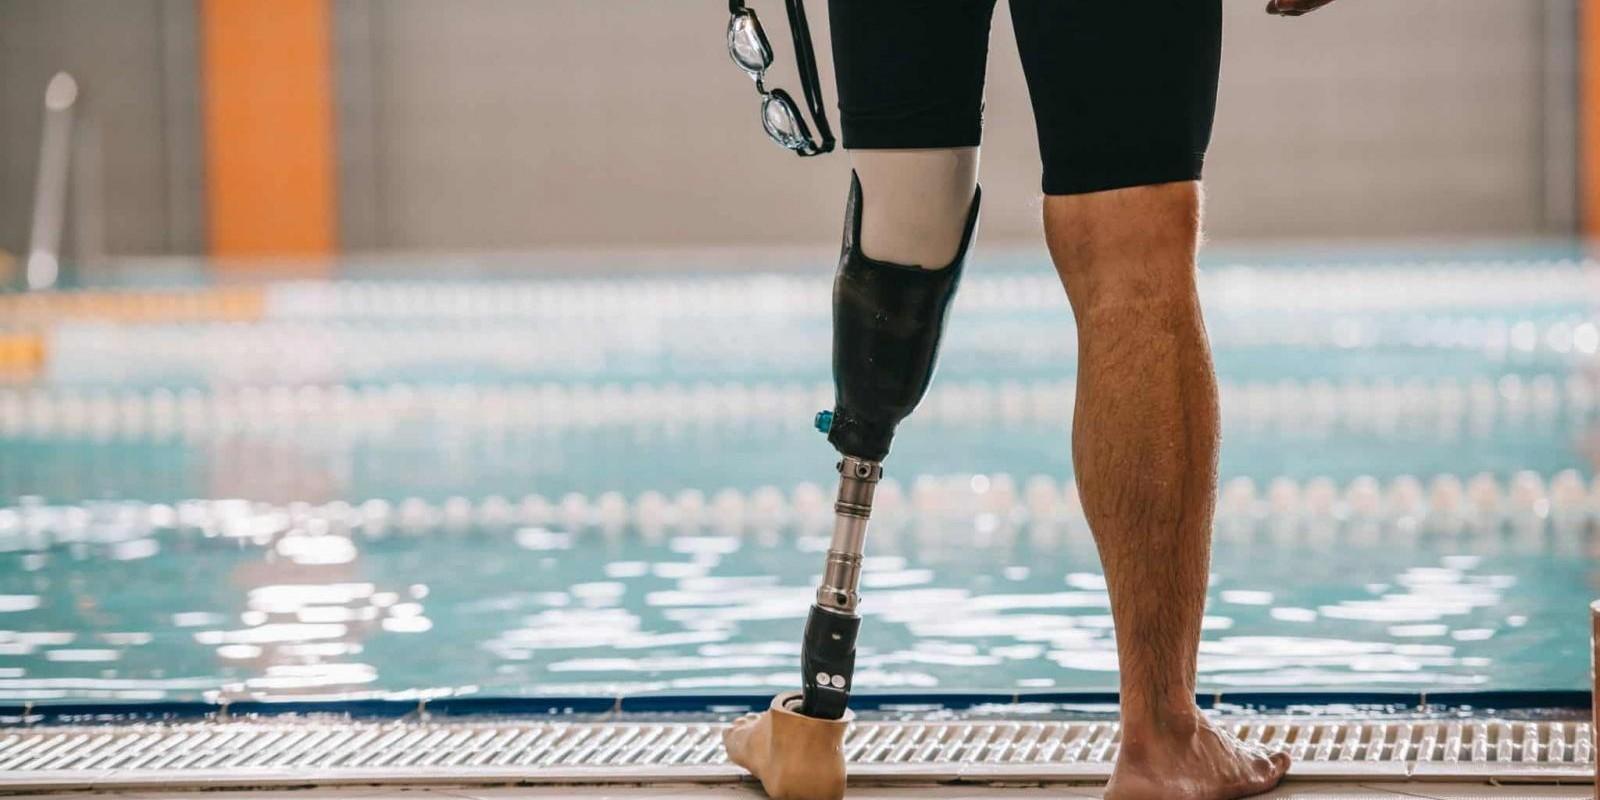 Tecnologia Ajuda Na Inclusão De Pessoas Com Deficiência No Esporte